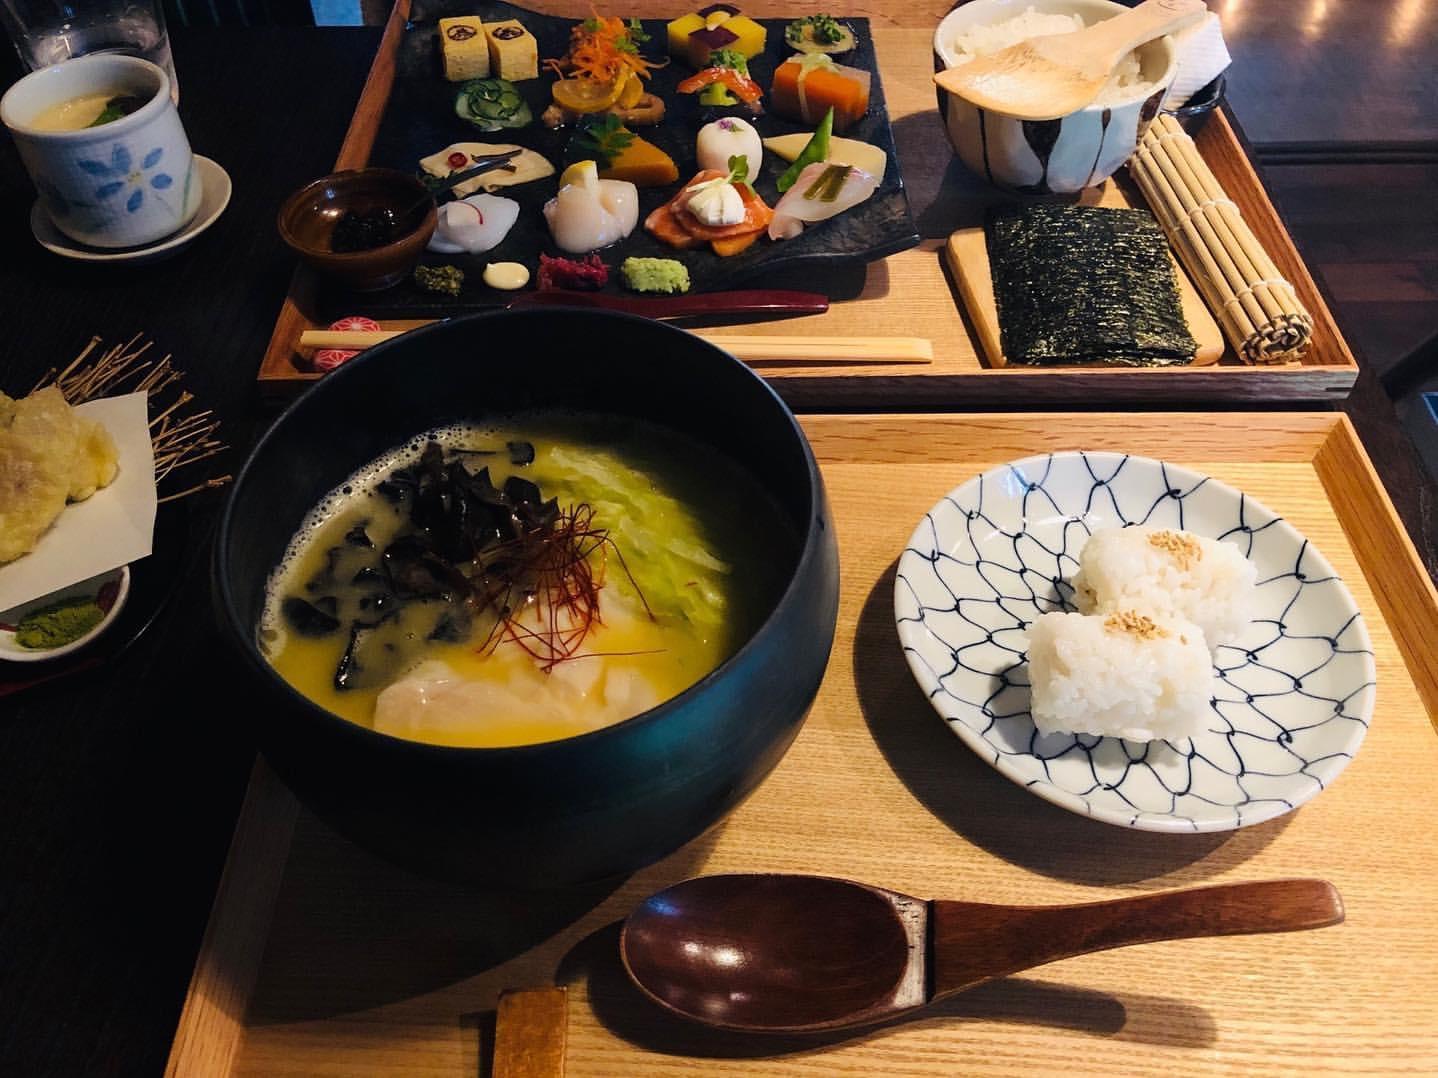 かまだ茶寮 円山の『北海道米麺 フォー』